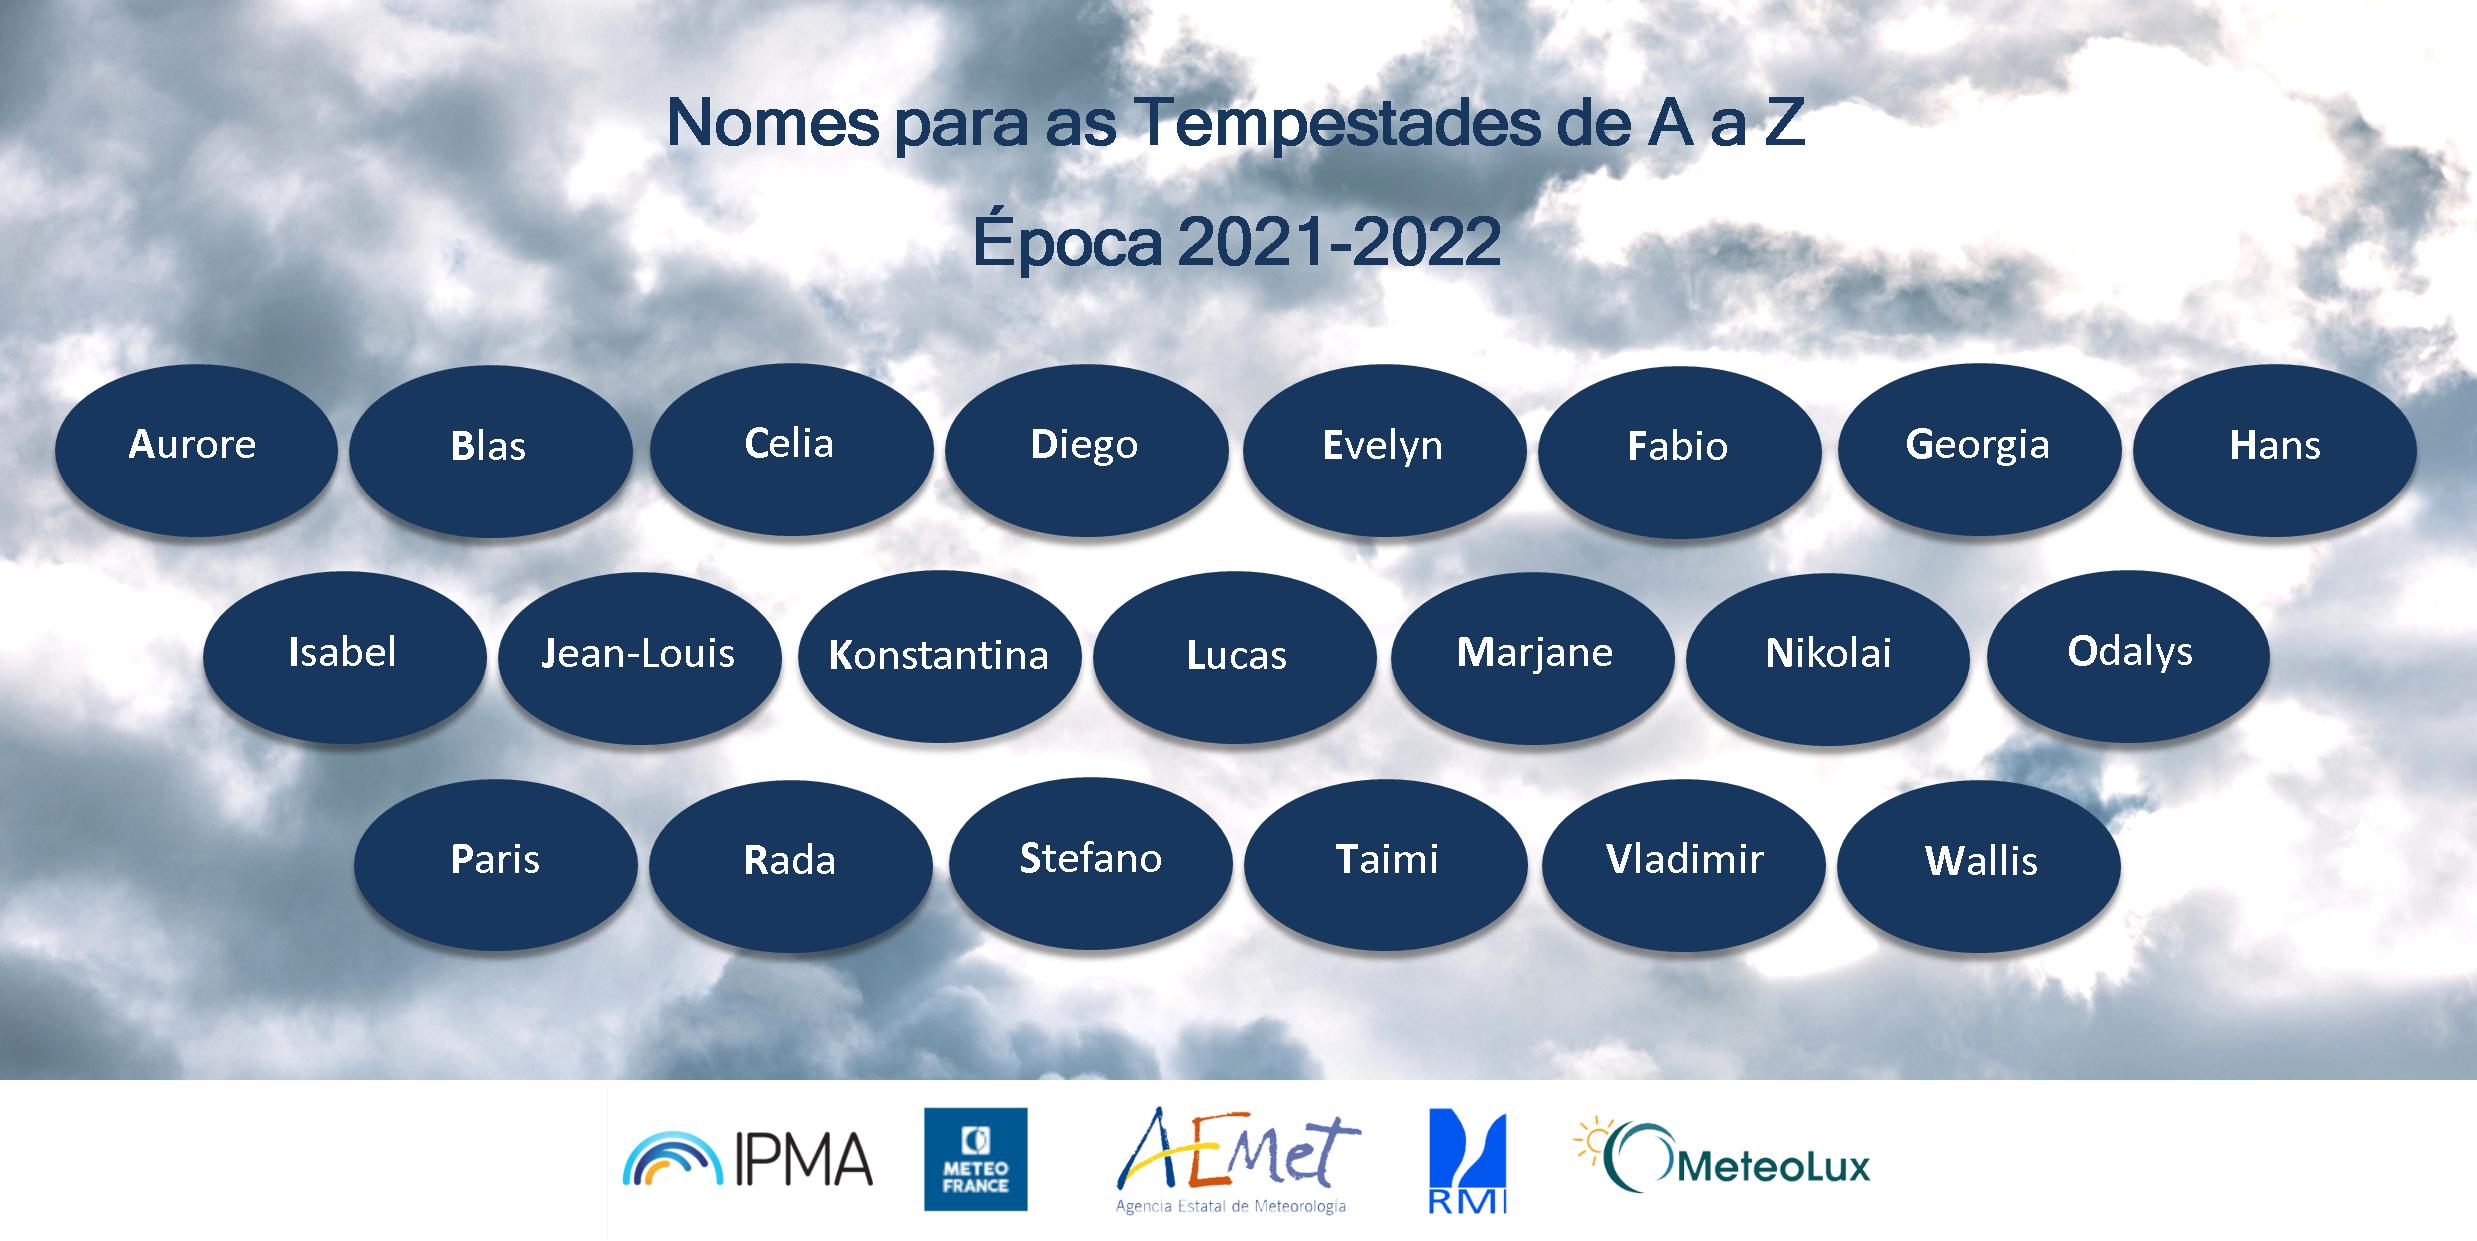 Nomes_tempestades_logos.png